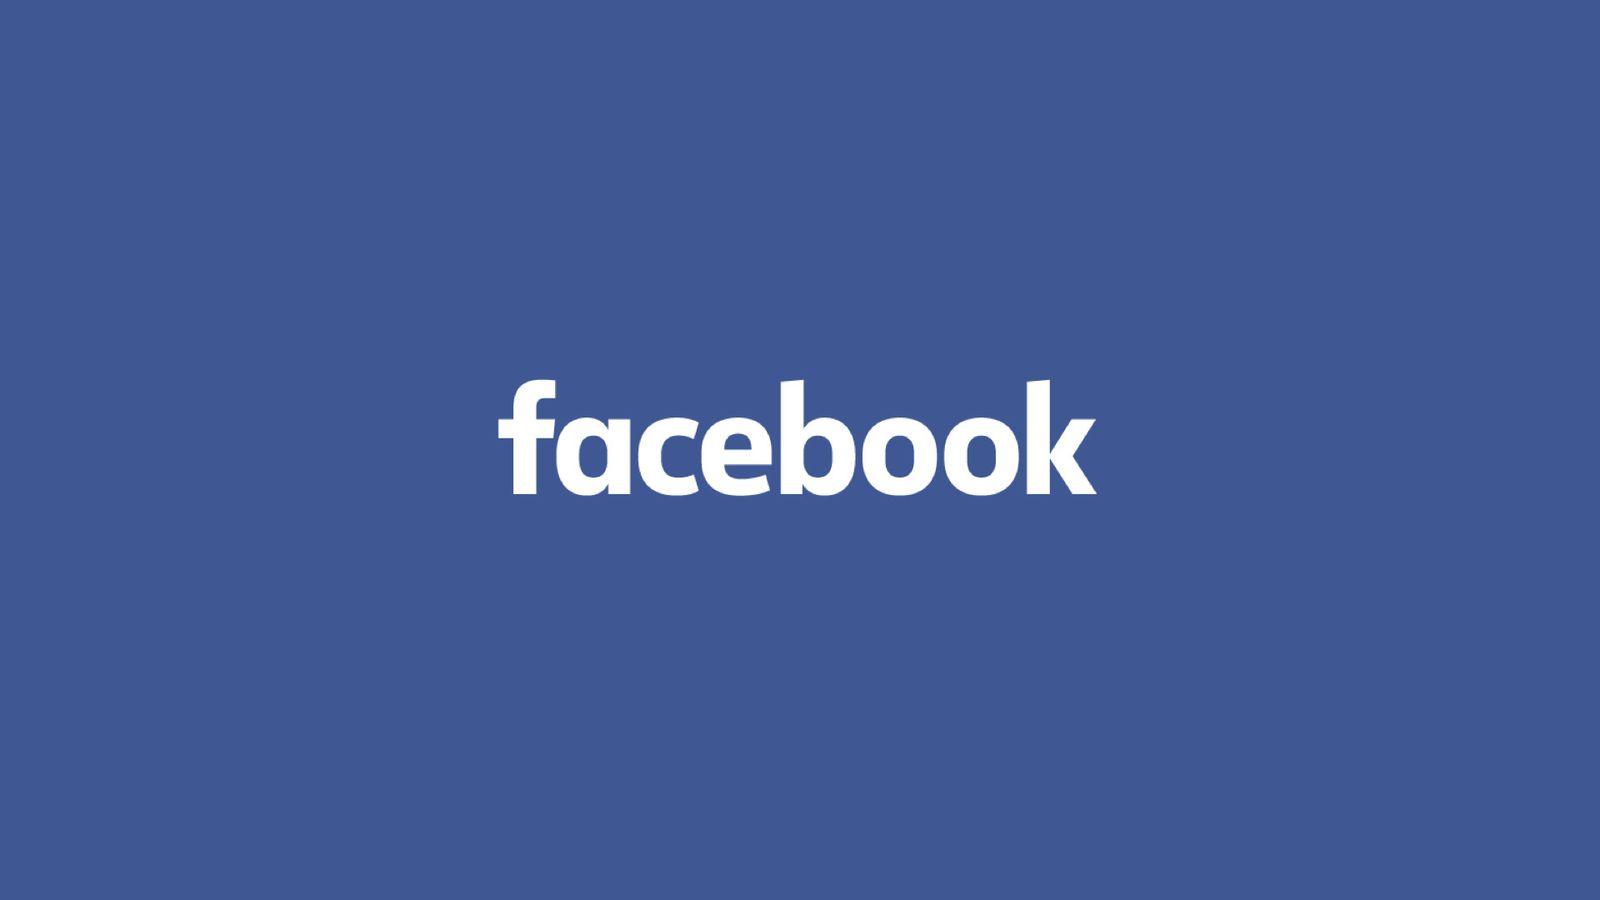 Facebook Sdk Issue Again Causing Numerous Ios Apps To Crash Or Freeze Macrumors